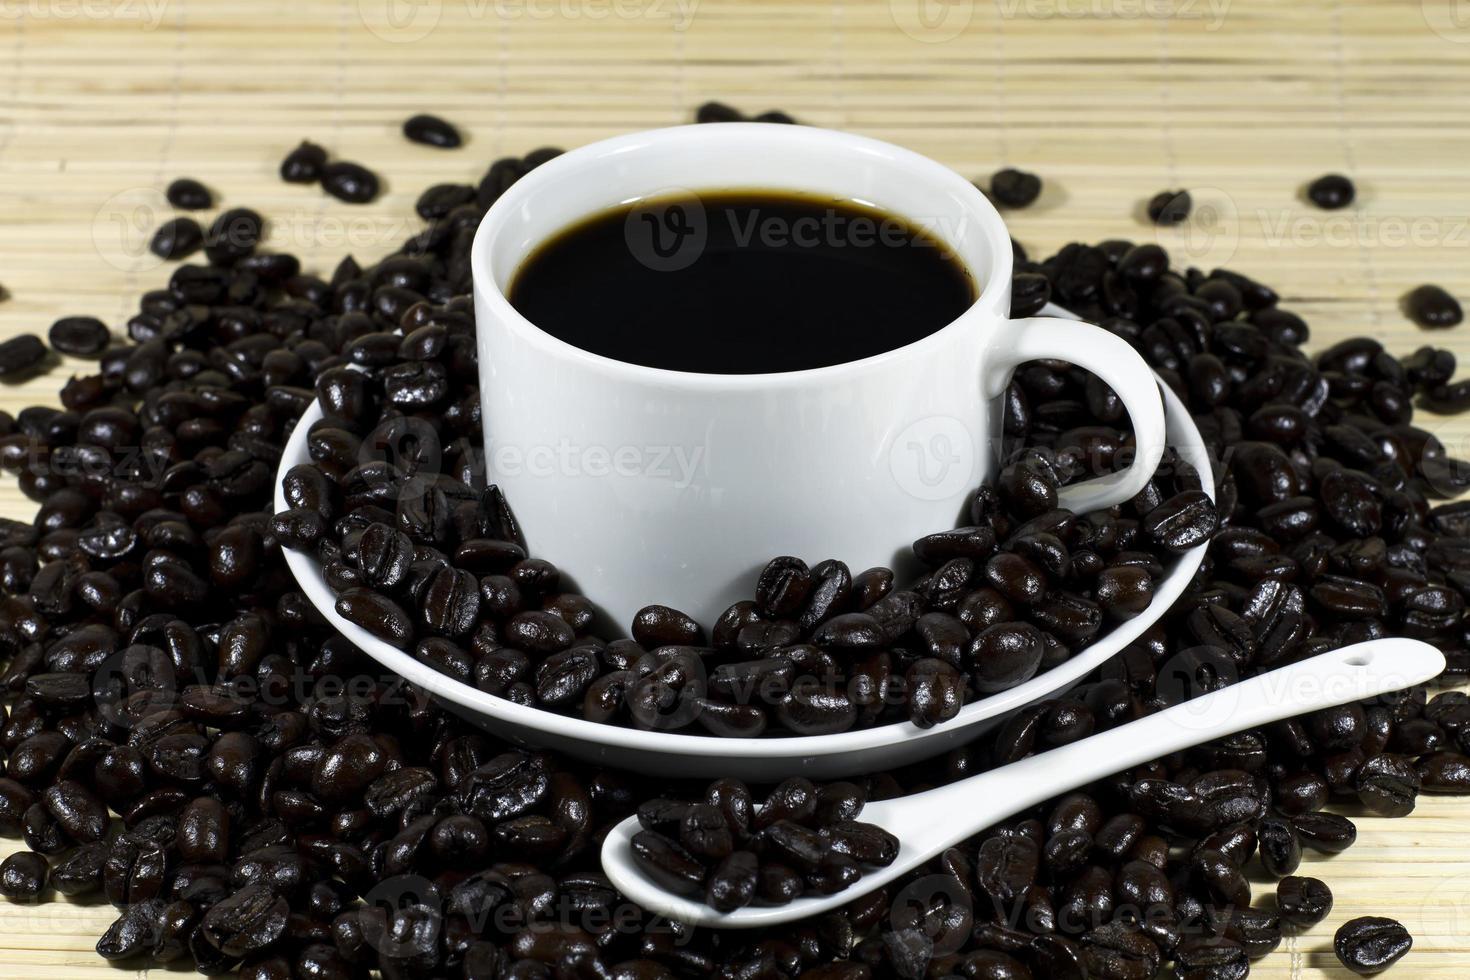 heißer Kaffee mit gerösteten Kaffeebohnen Dekoration foto